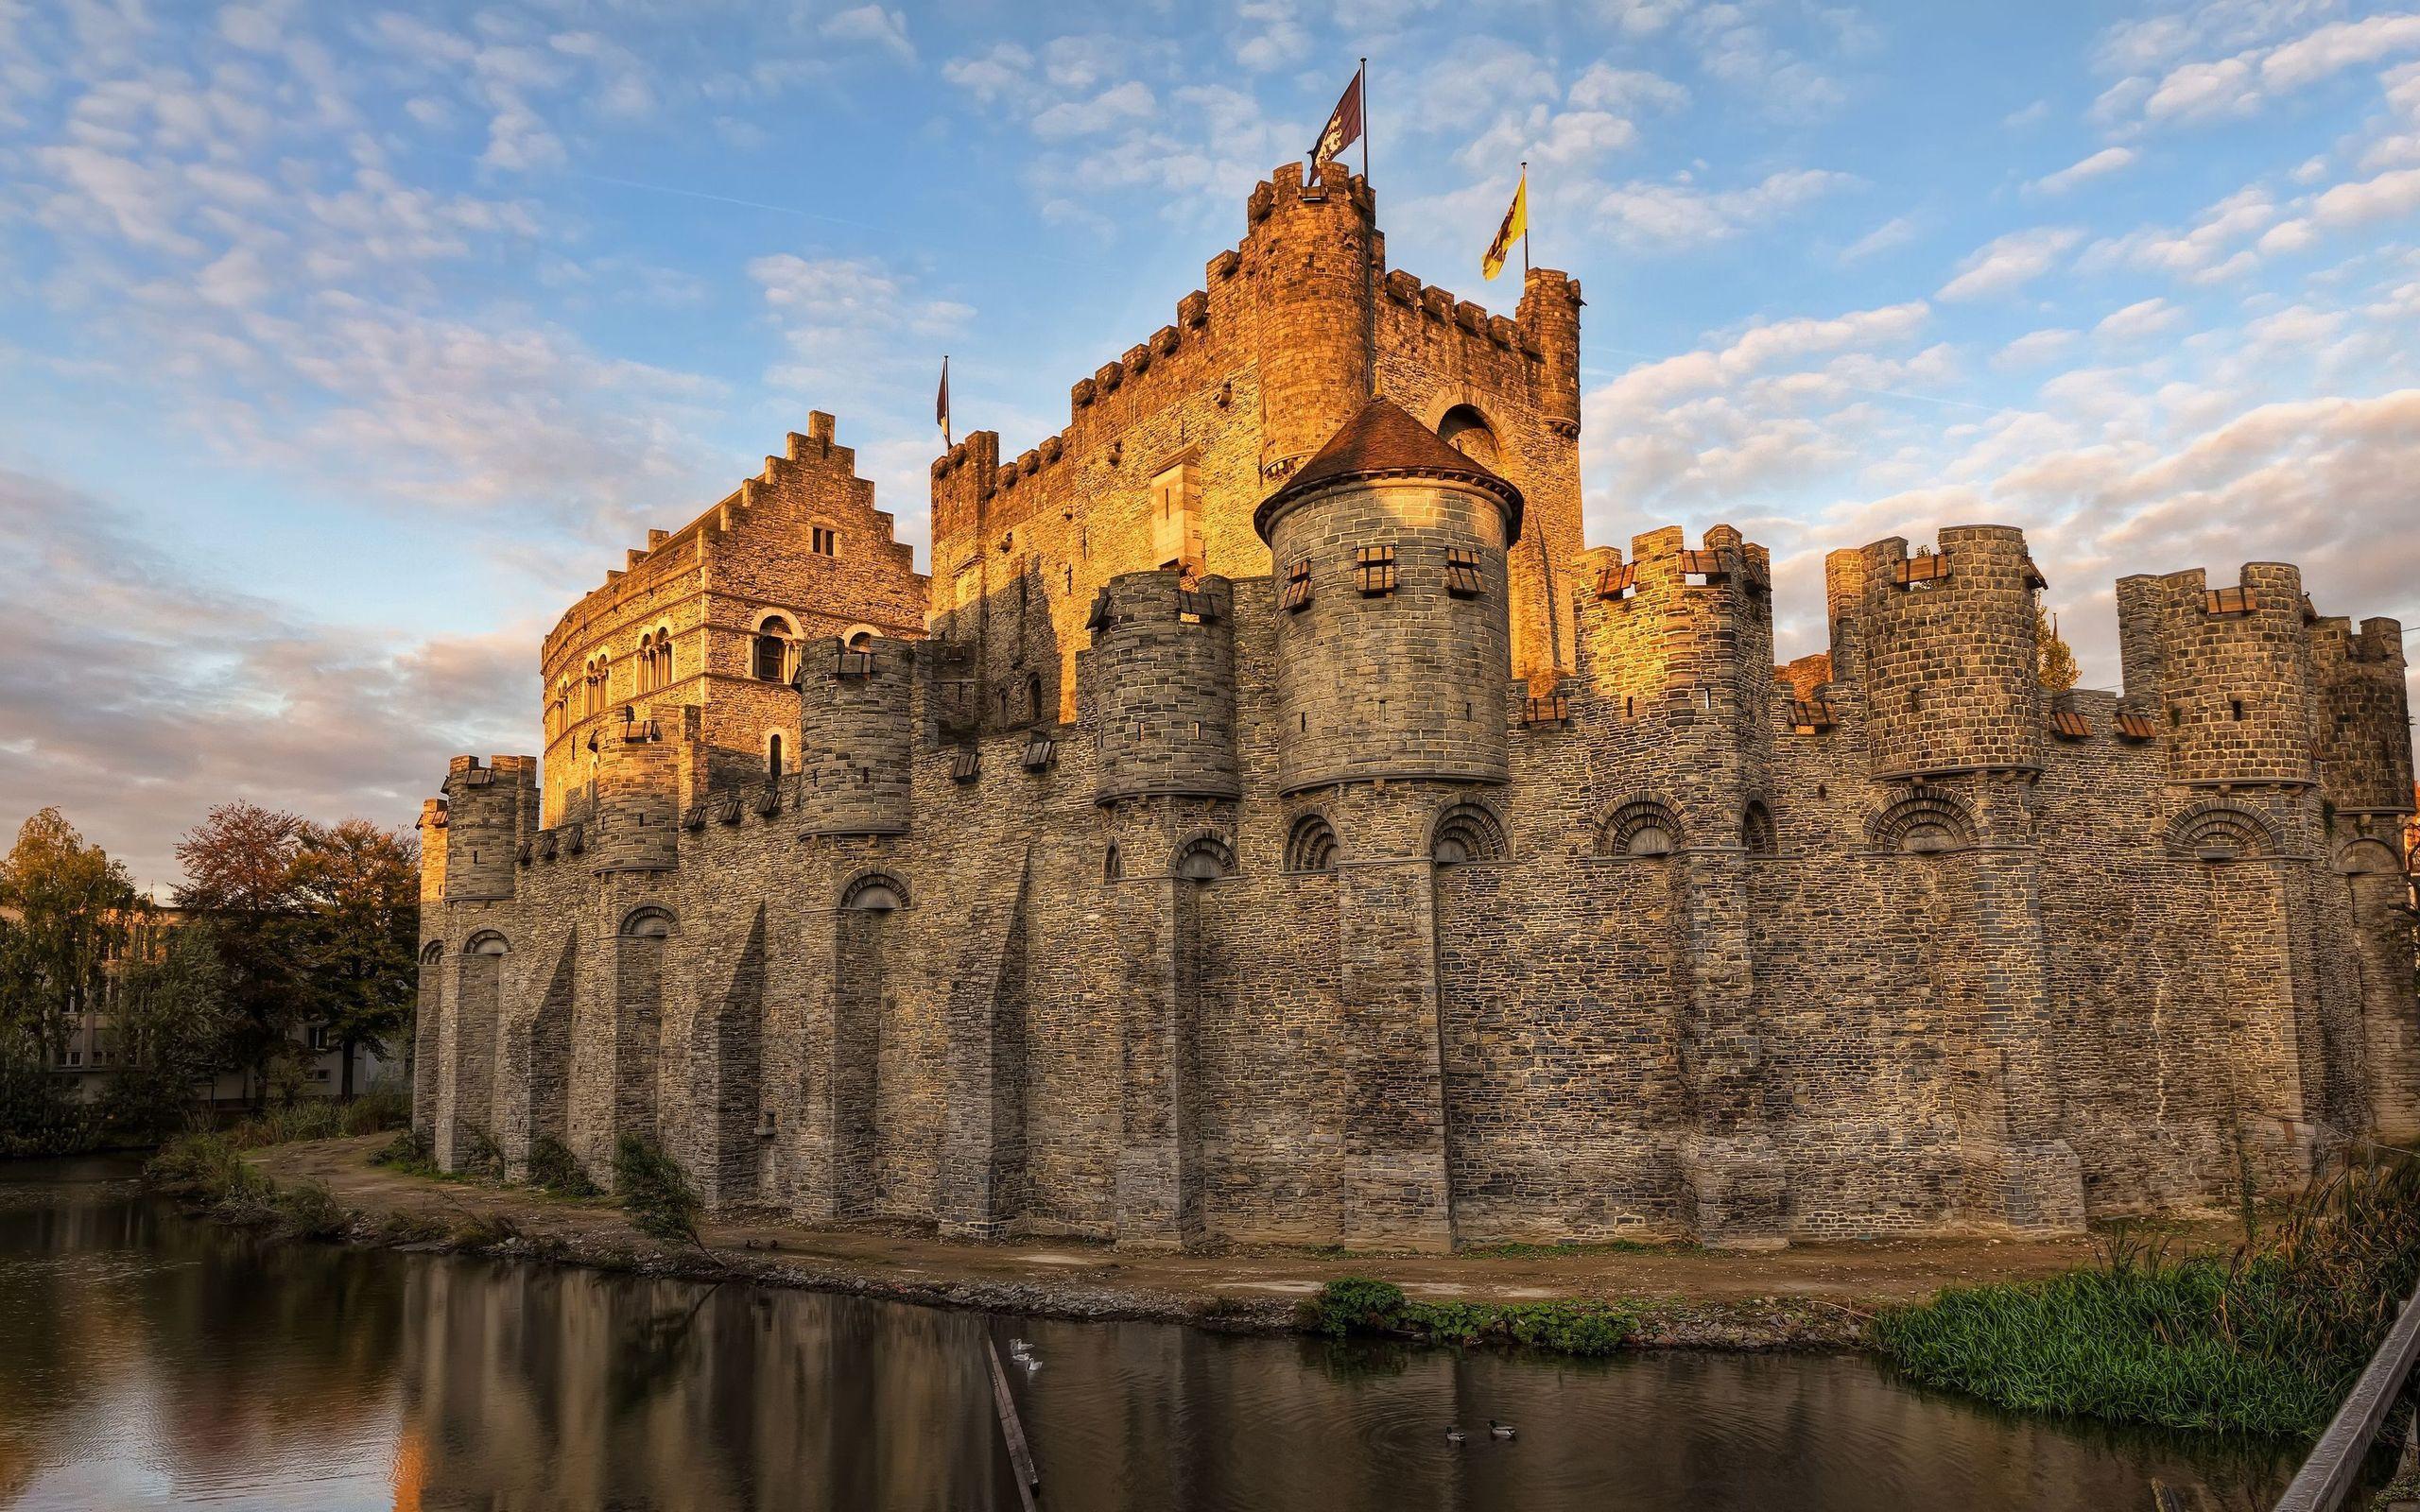 шутил средневековые замки фото картинки ледяная битва, или